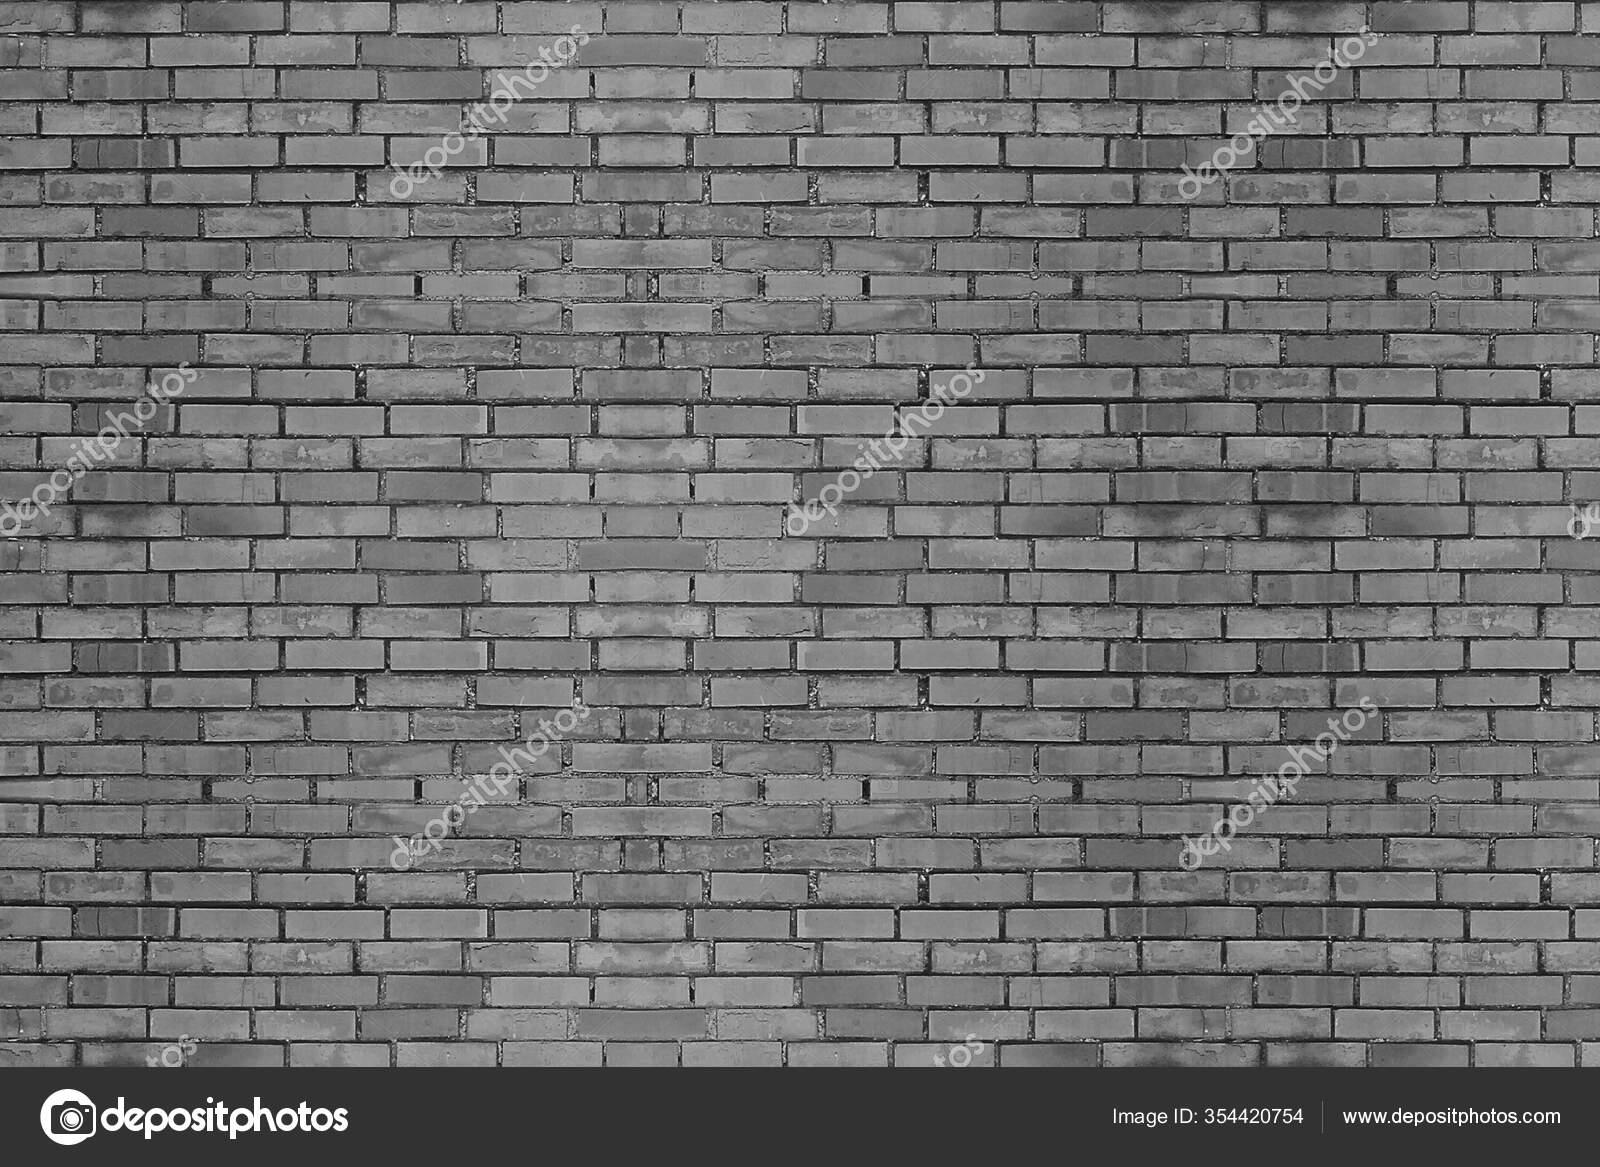 Hintergrund Der Alten Backsteinmauer — Stockfoto © yudhistirama 354420754